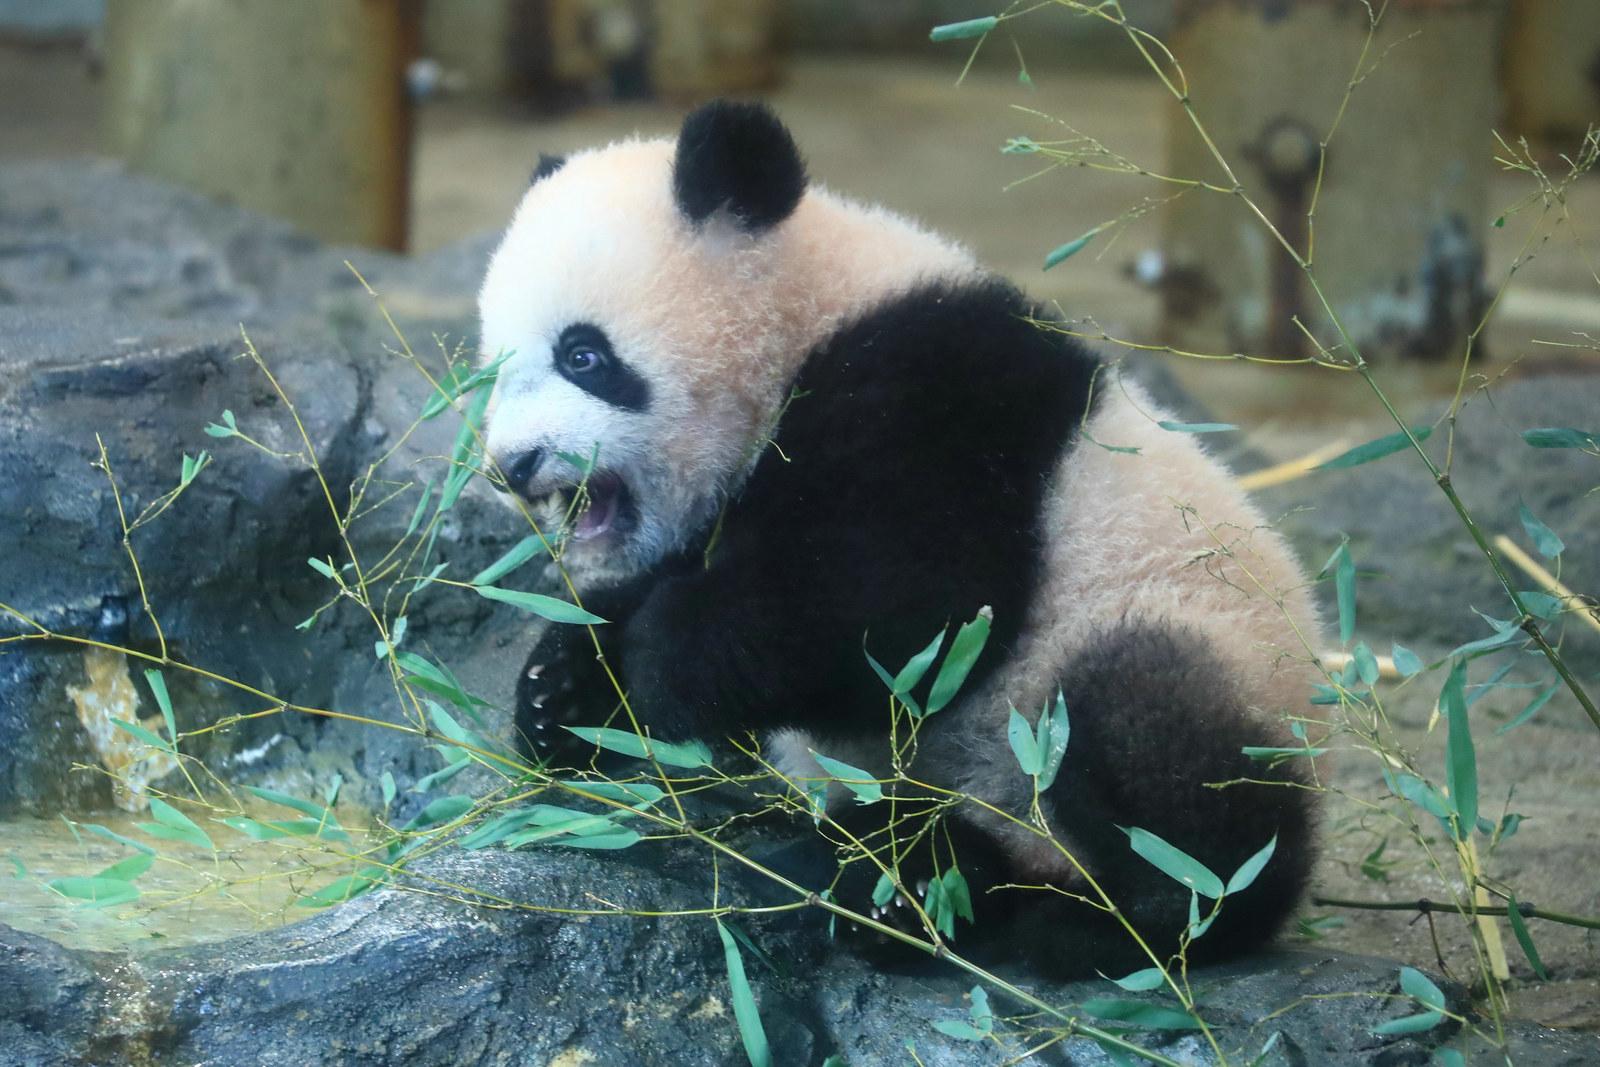 中国の報道官、聞き間違えて大笑い パンダも杉山さんも同じ「シャンシャン」